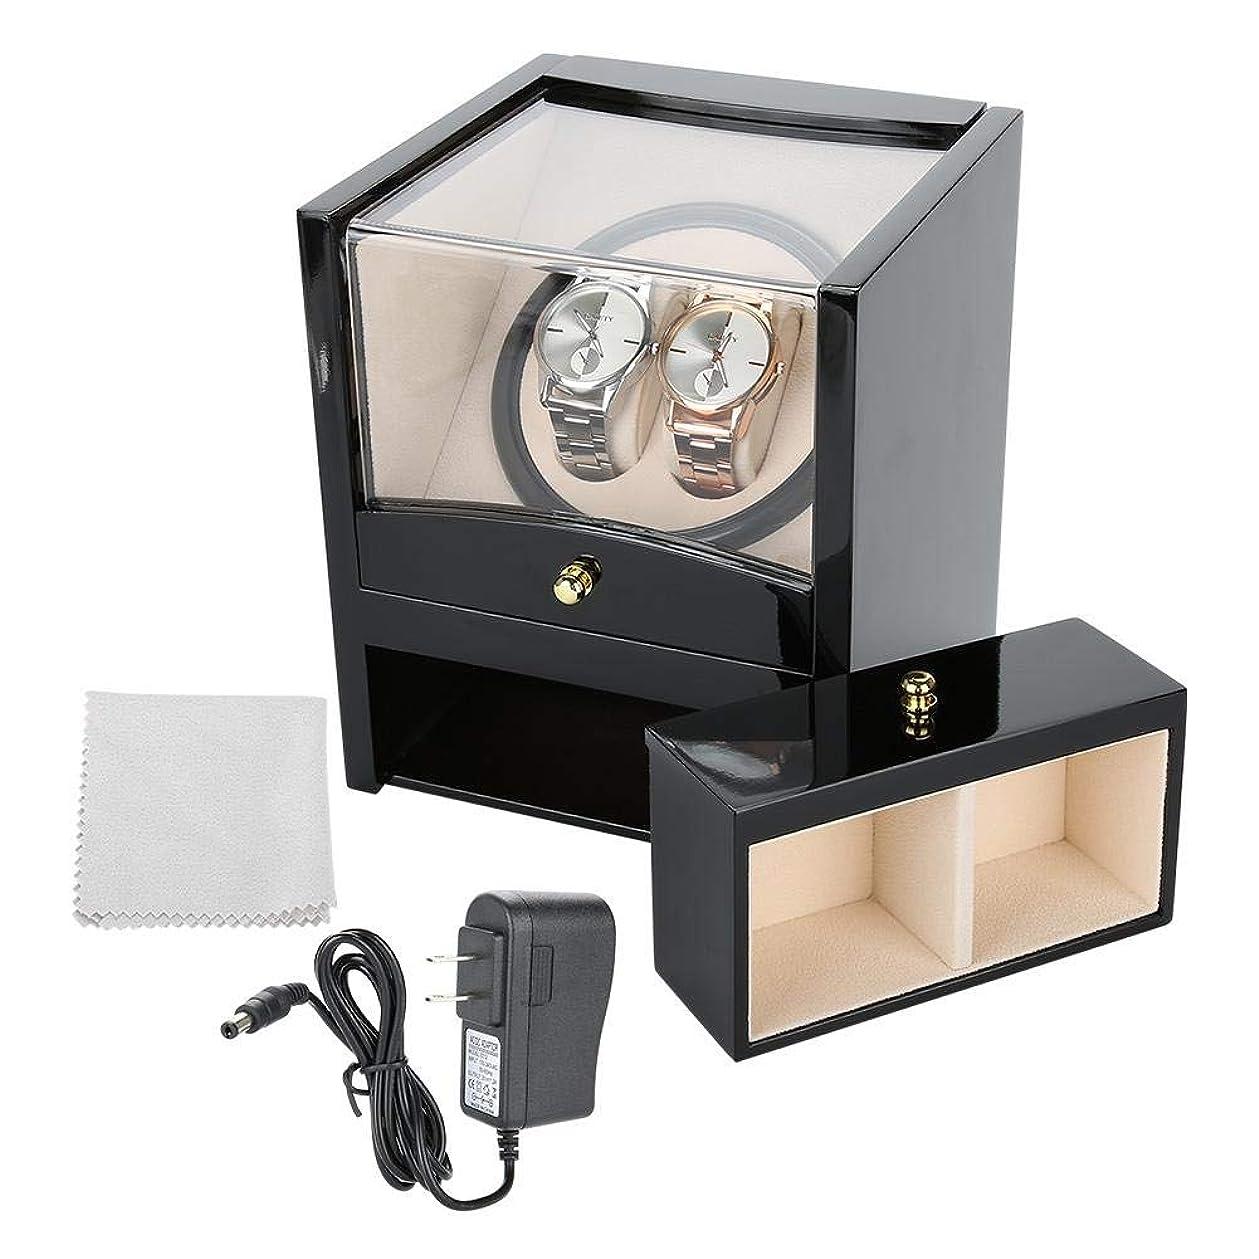 漁師ペニーペイントSalmue自動腕時計ワインダー2 + 2ピアノ塗料収納ディスプレイ回転ボックス、自動巻き時計ボックス、サイレントモーター付き、米国規格100-240V